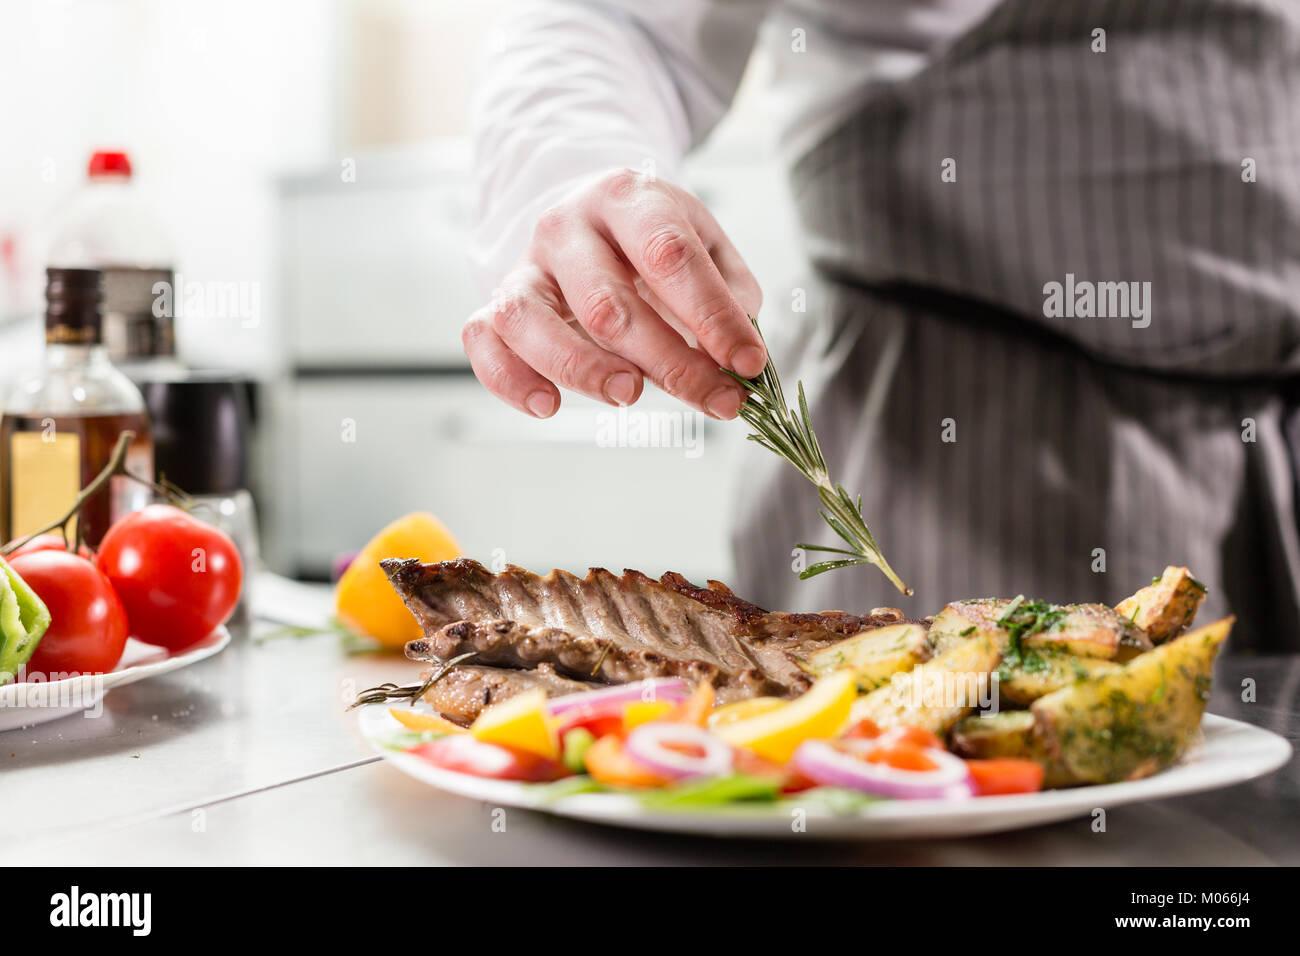 Mit einem Zweig Rosmarin eingerichtet. bereitet der Küchenchef im Restaurant. Gegrillter Lammrücken mit Stockbild